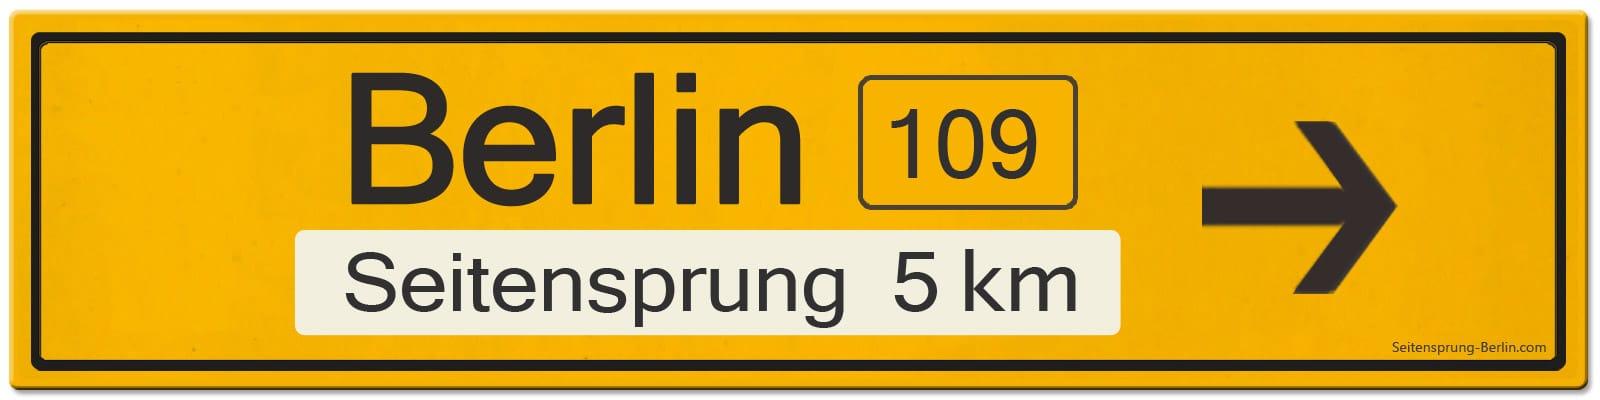 Seitensprung in Berlin finden